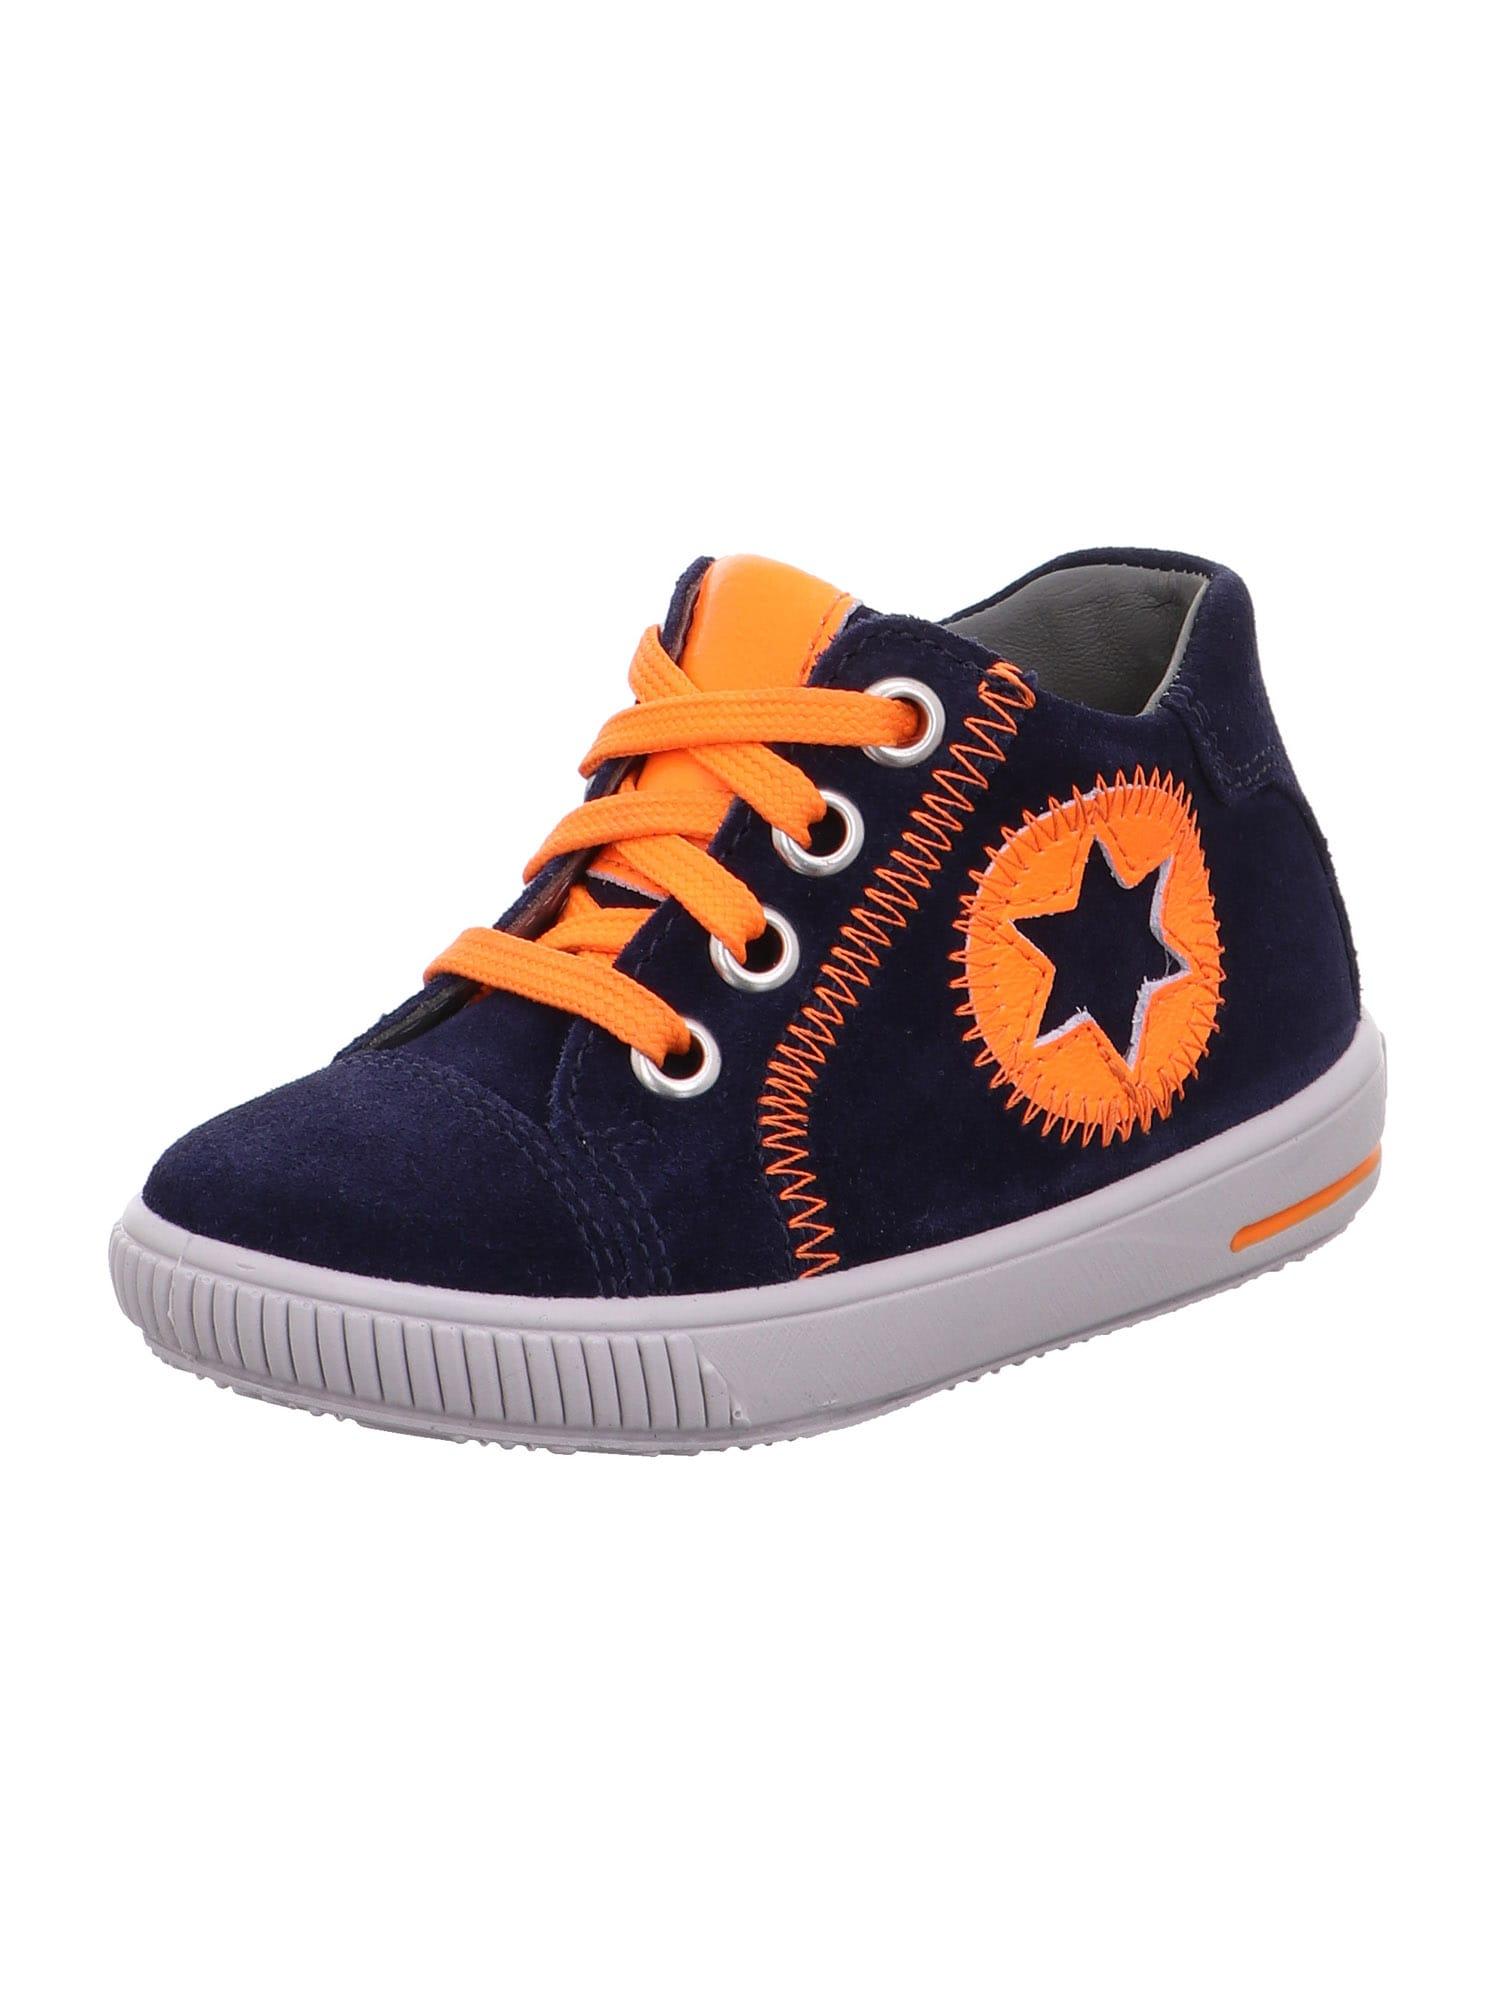 SUPERFIT Pirmieji vaiko vaikščiojimo bateliai 'MOPPY' oranžinė / mėlyna